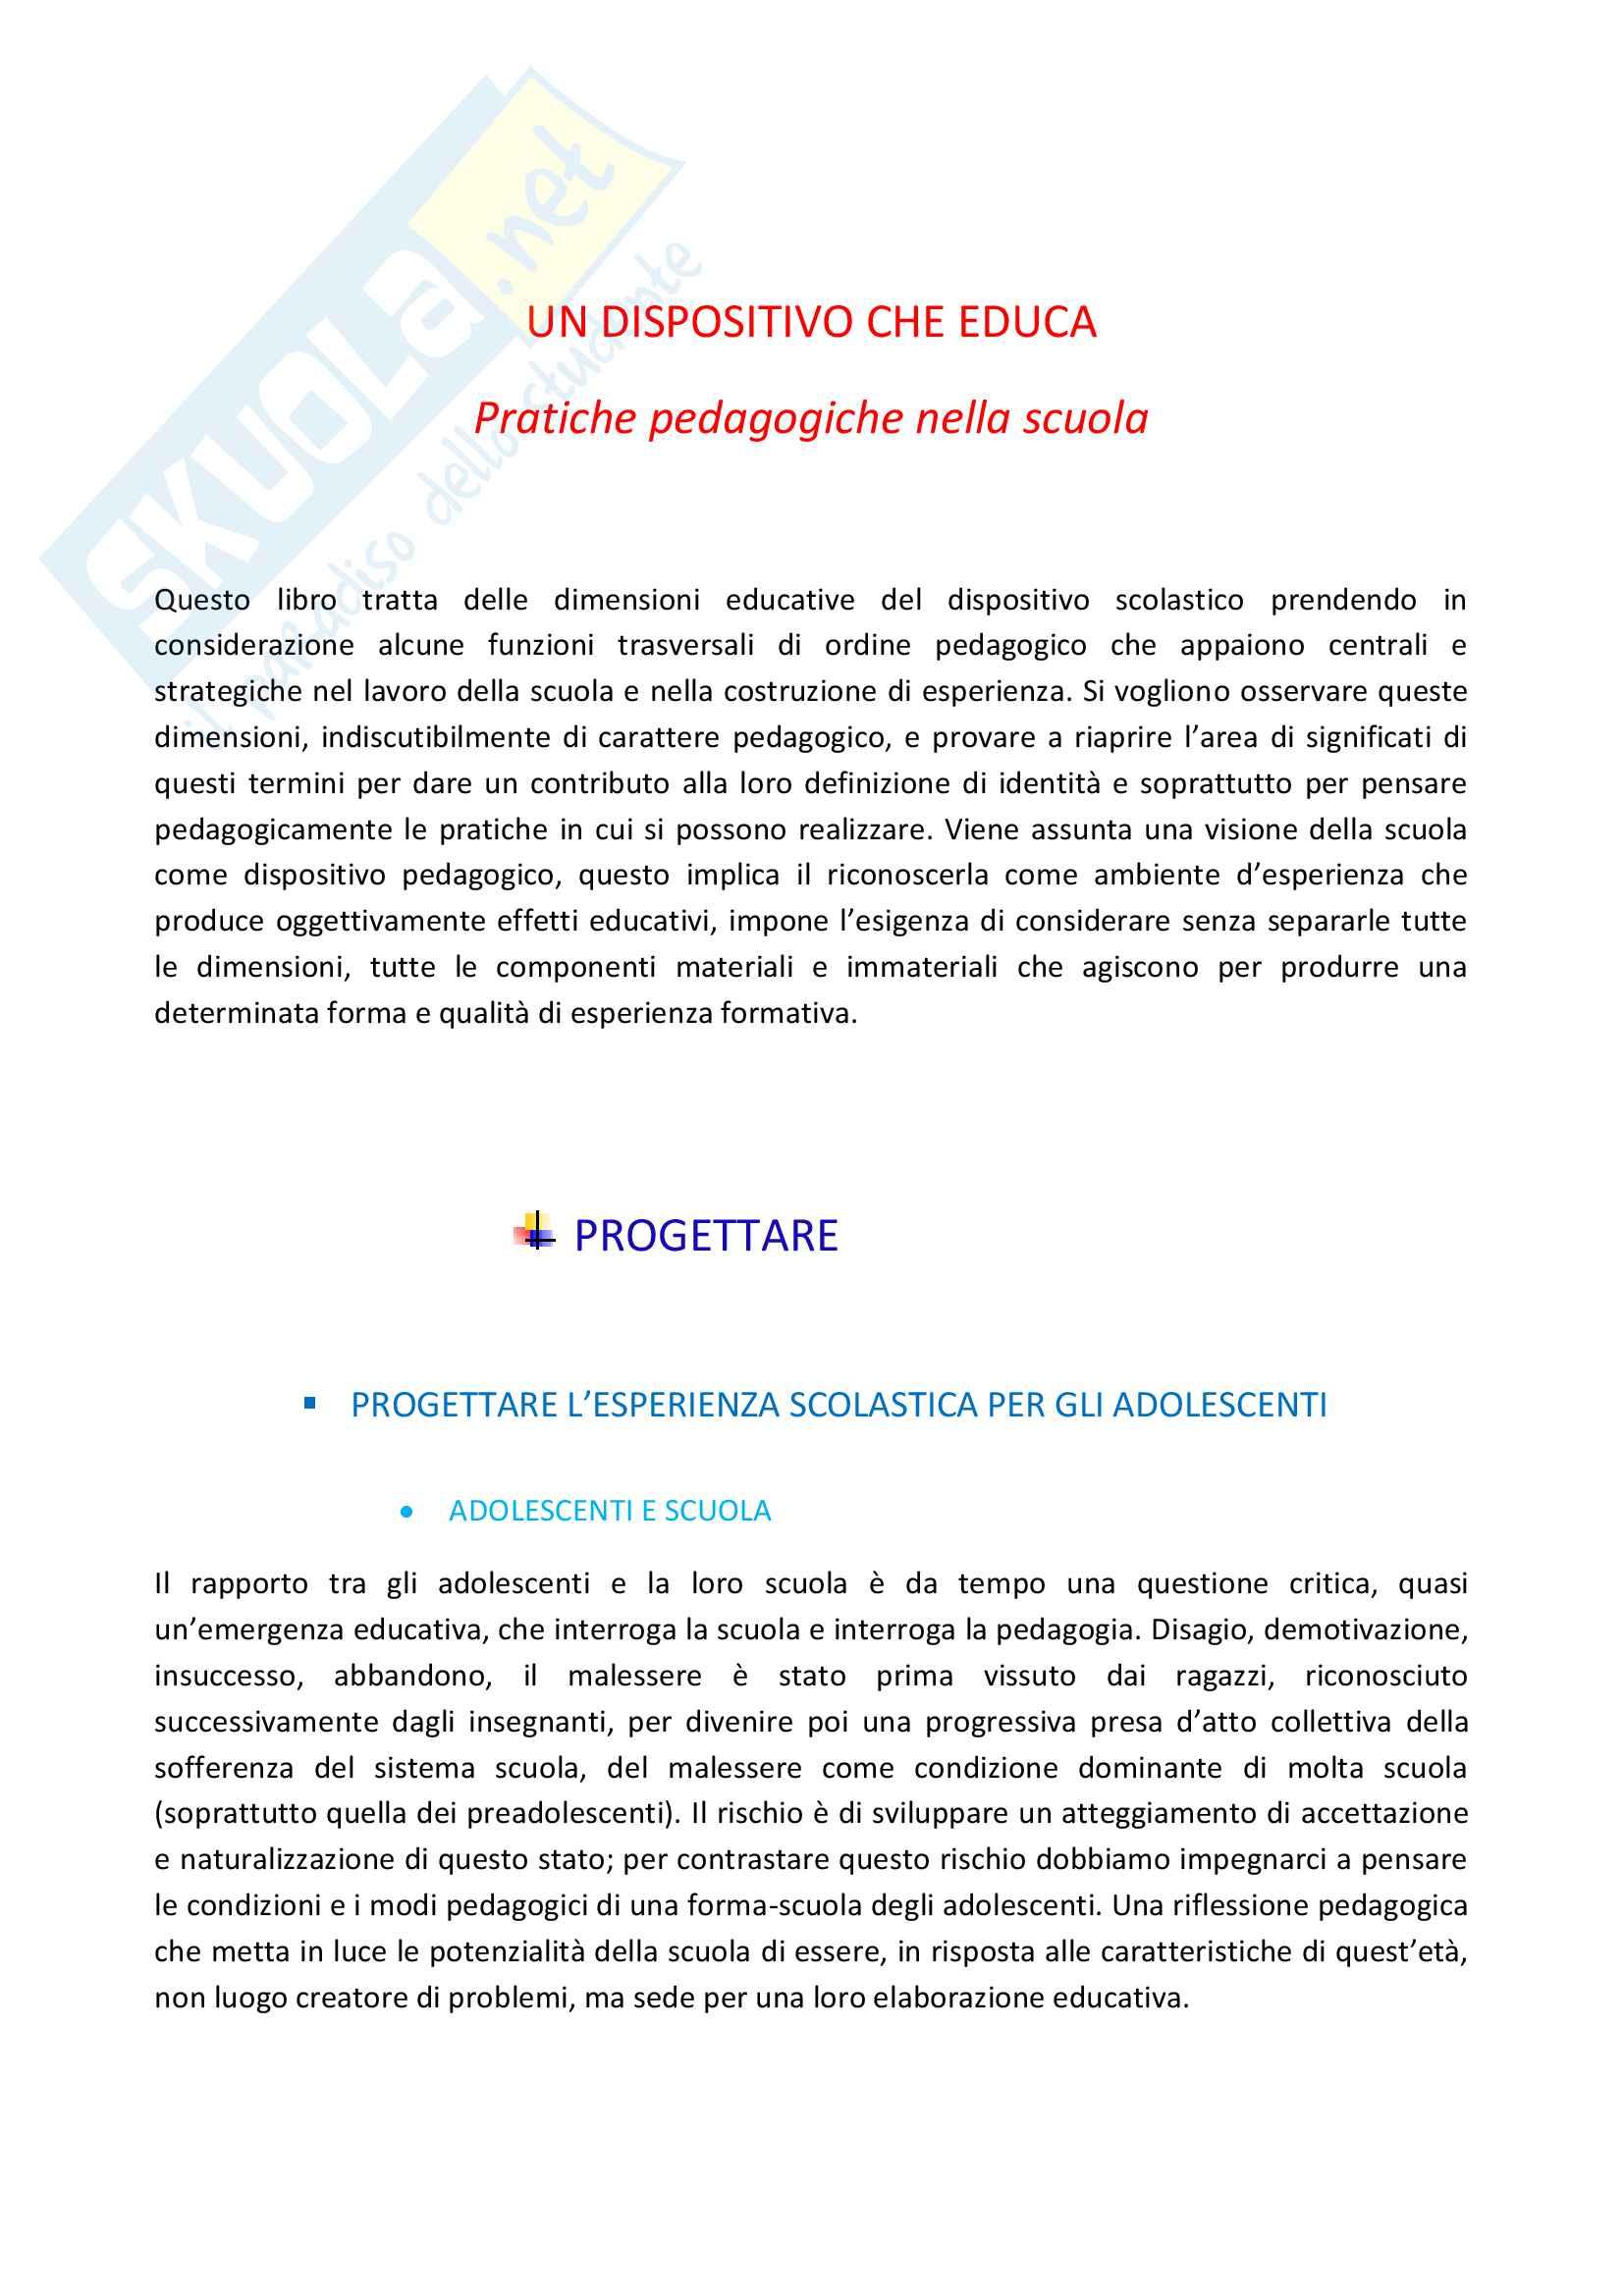 Riassunto esame di Pedagogia generale, prof Anna Rezzara, libro consigliato Un dispositivo che educa pratiche pedagogiche nella scuola, Anna Rezzara